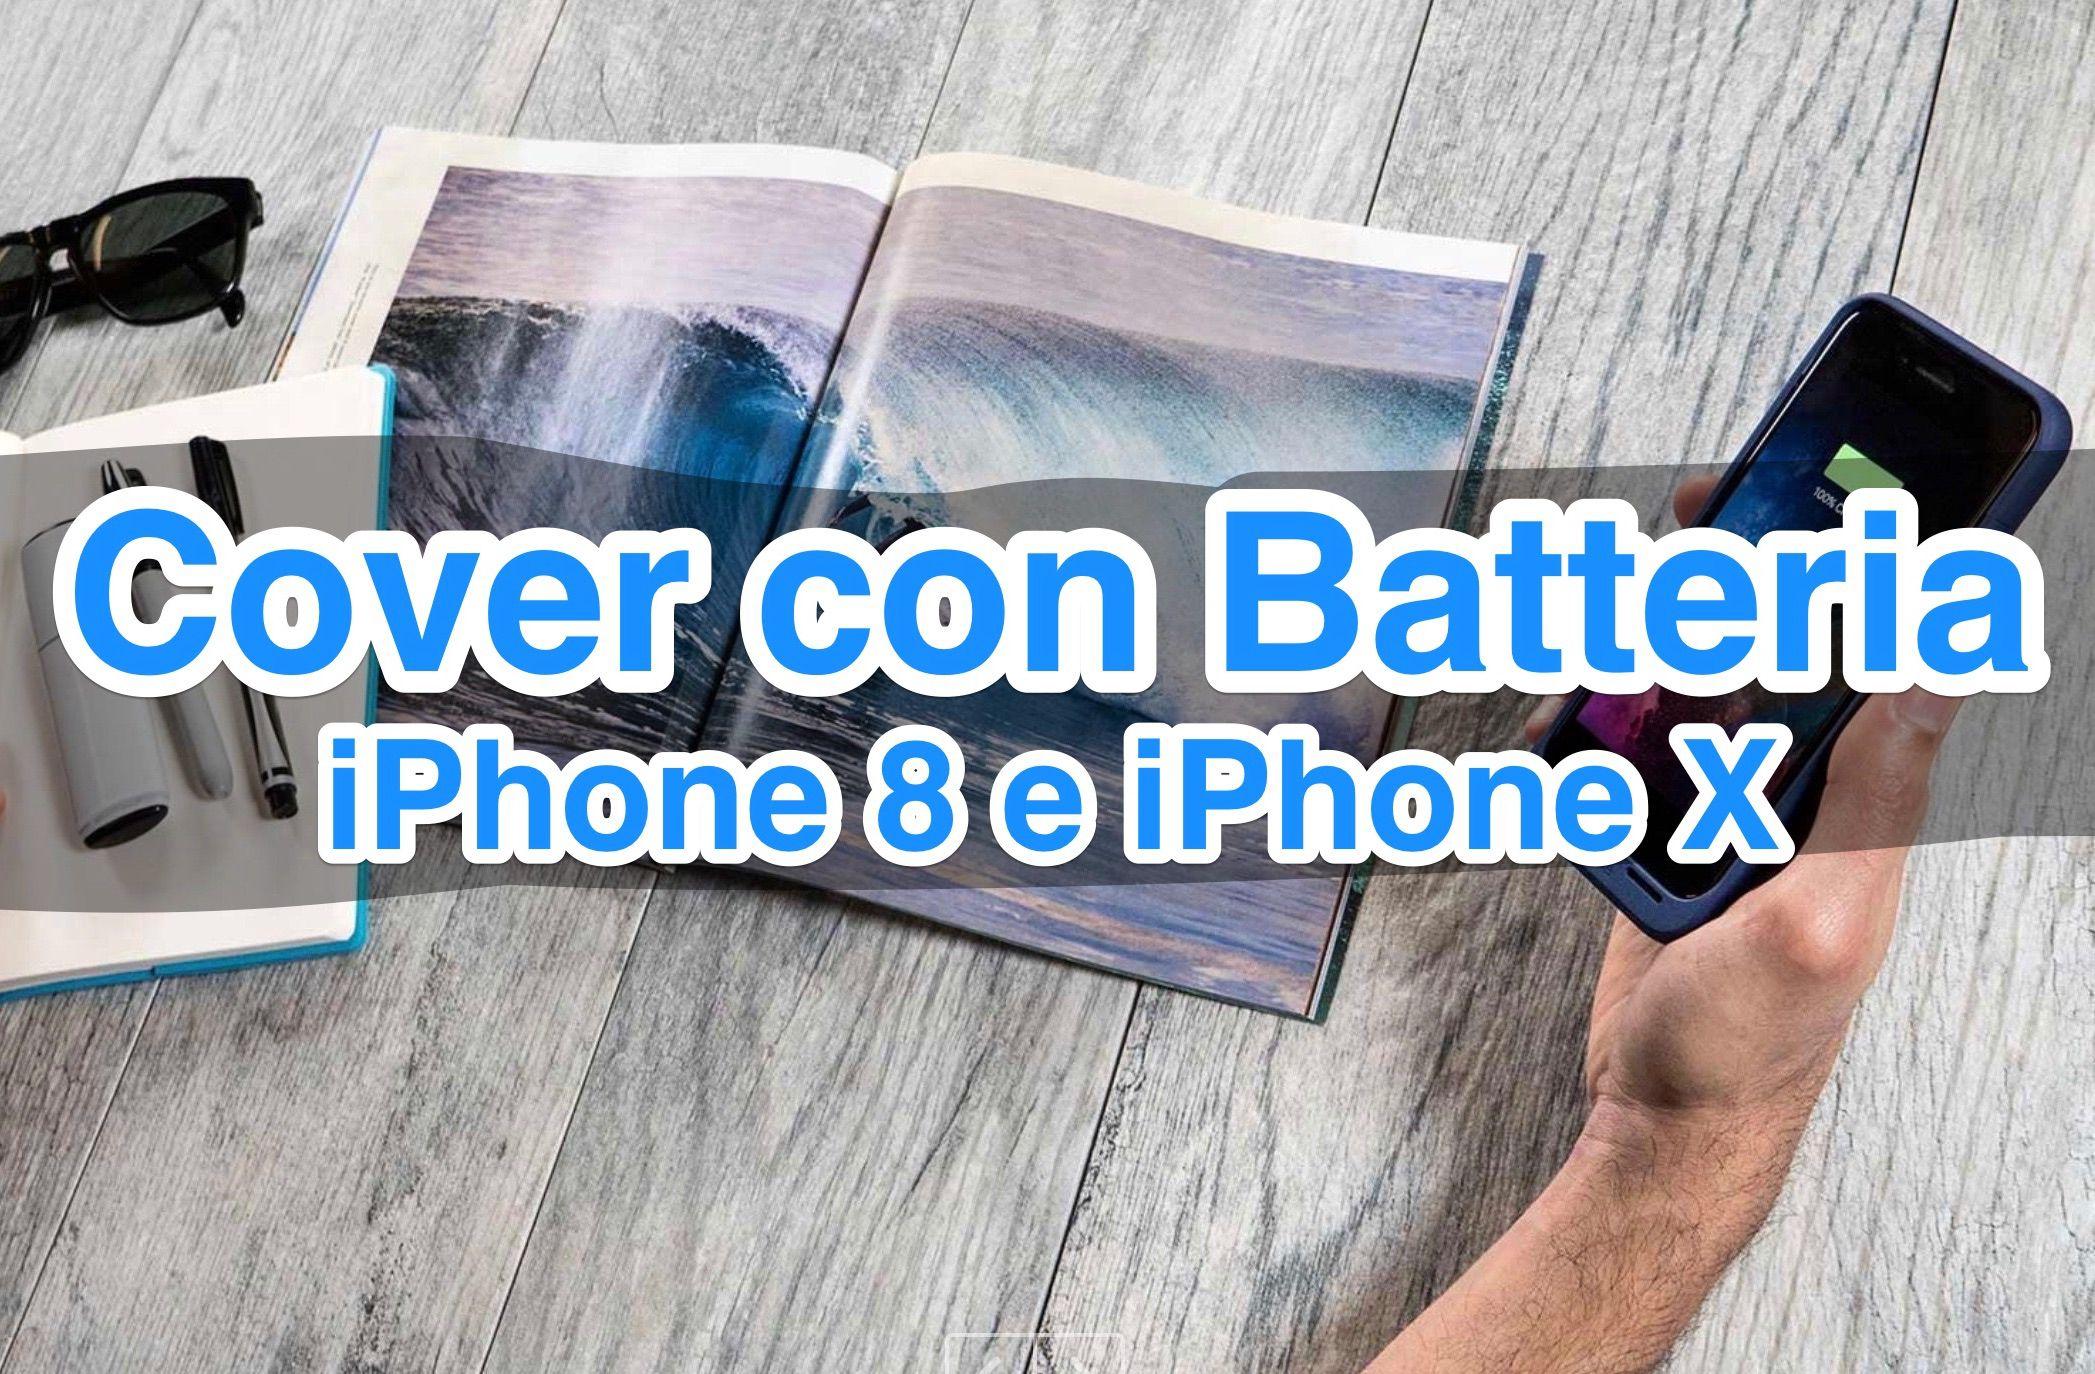 Cover con Batteria iPhone 8 e iPhone X: i migliori prodotti 2019 ...